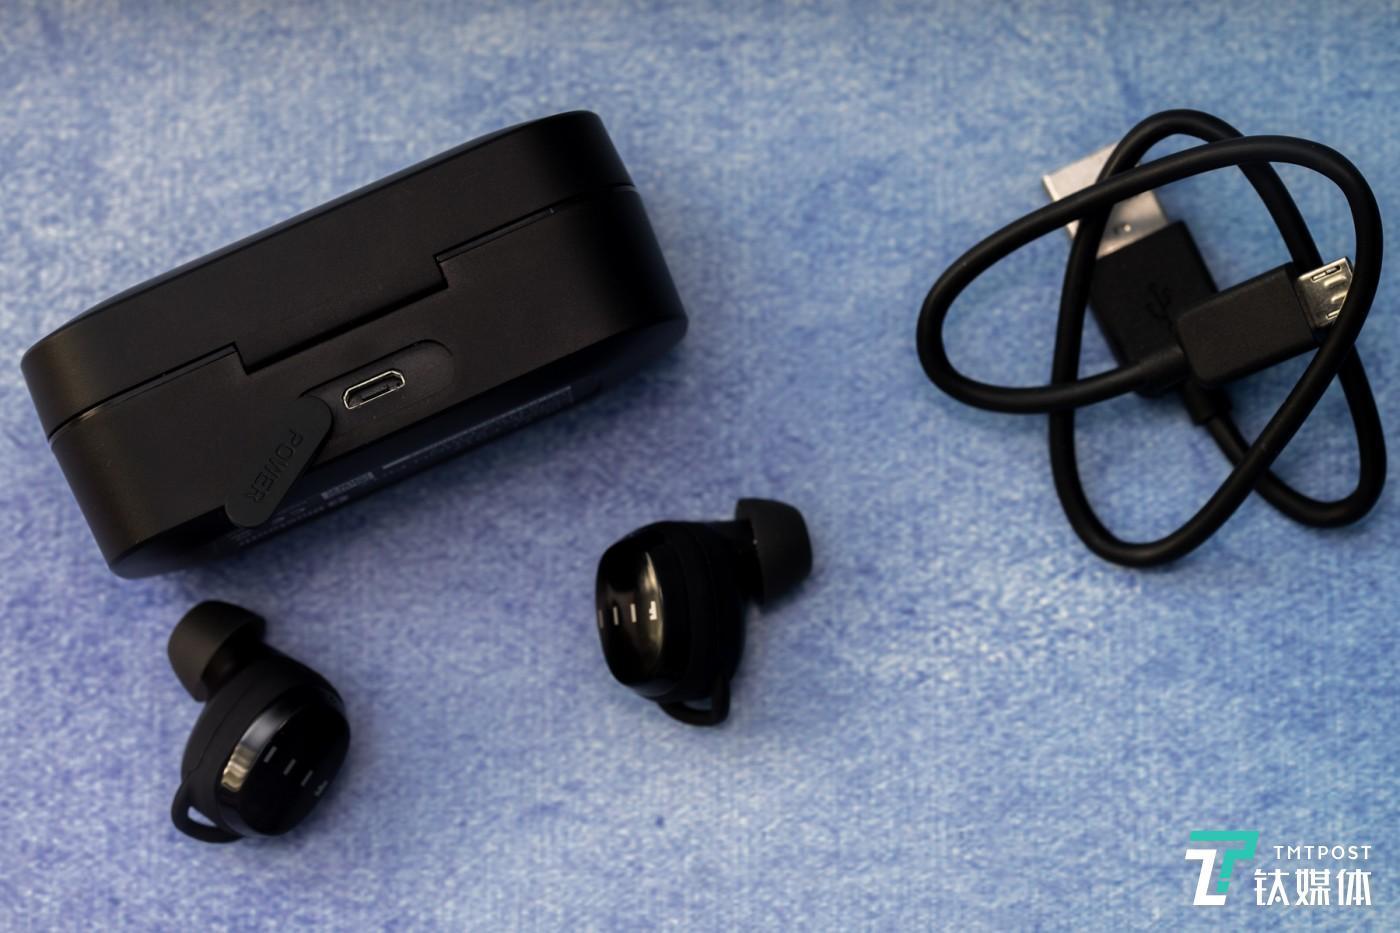 耳机支持IP65级防水防尘,充电盒上也做了一些保护